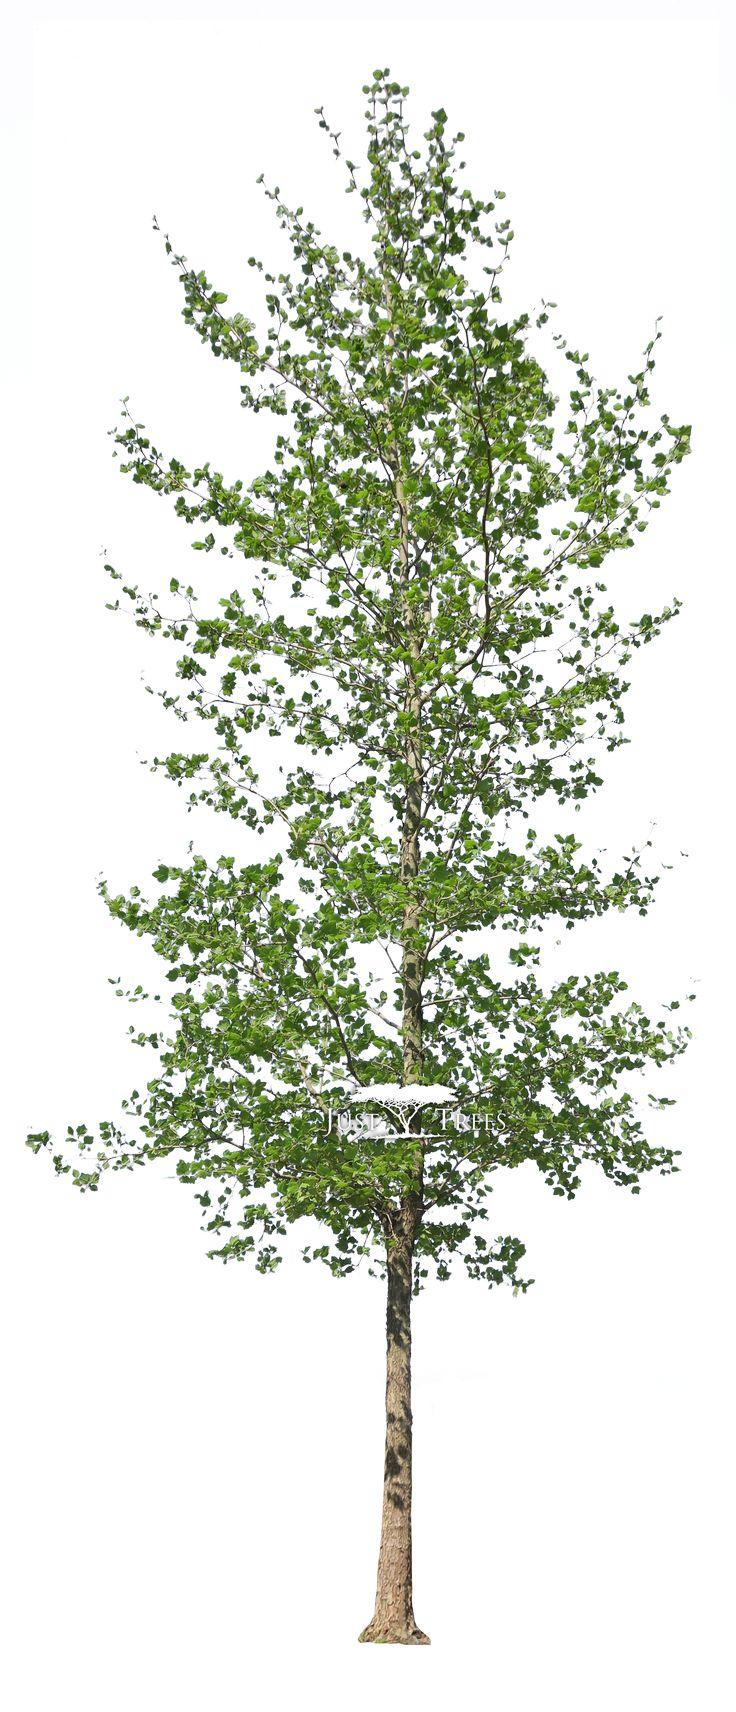 Platanus acerifolius | Common name: London Plane | Spring 2